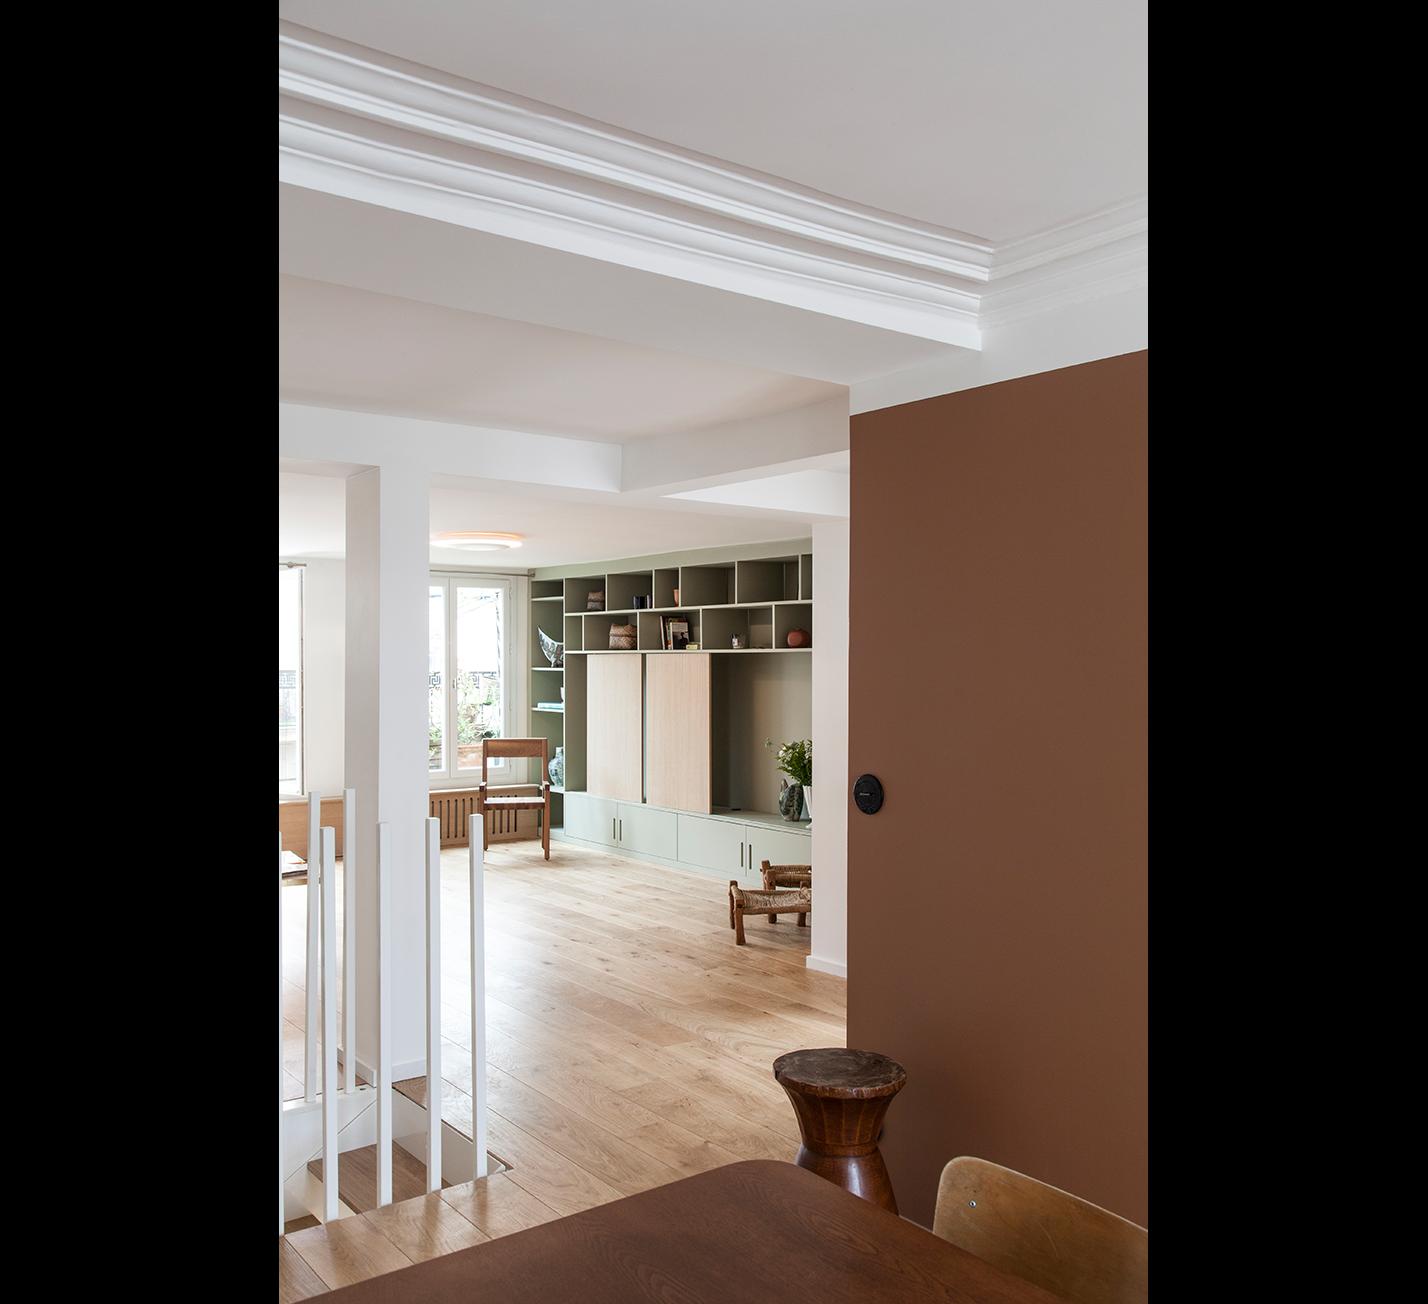 Projet-Pigalle-Atelier-Steve-Pauline-Borgia-Architecture-interieur-08